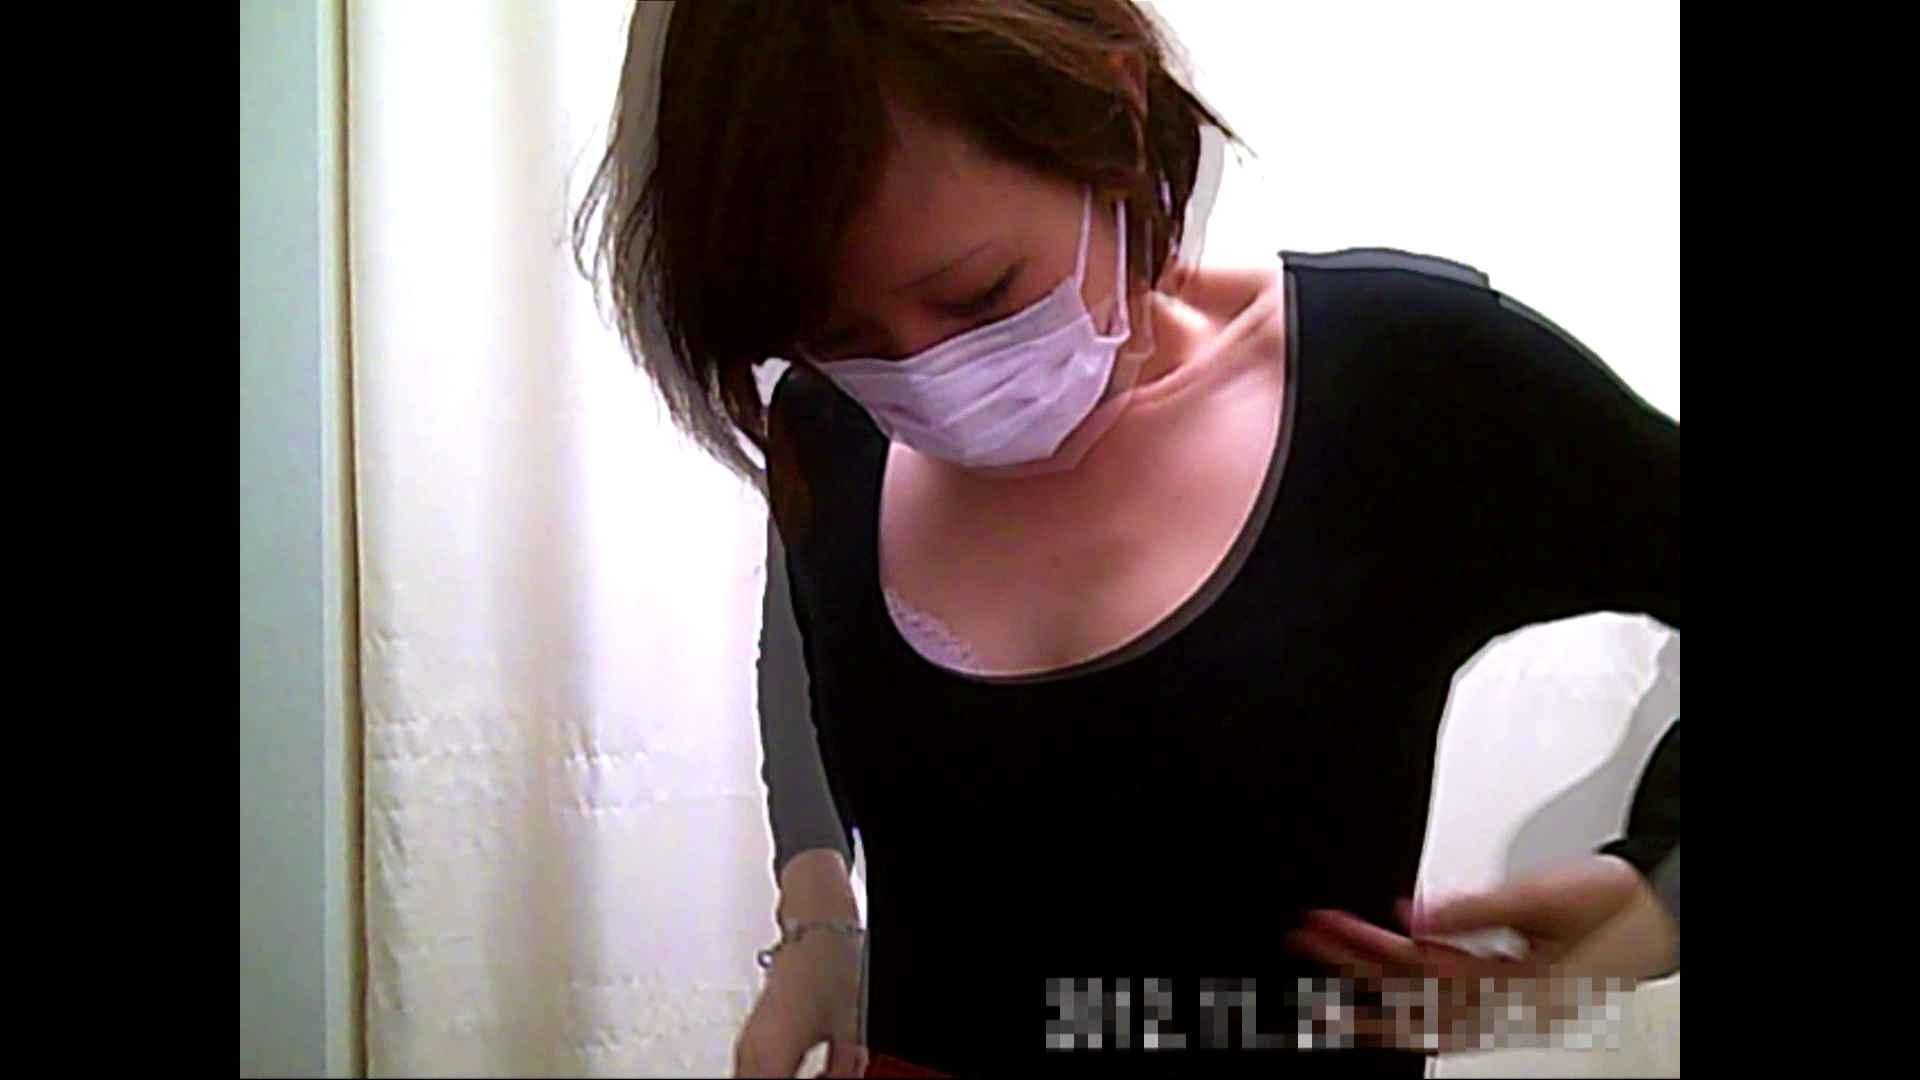 元医者による反抗 更衣室地獄絵巻 vol.281 OLハメ撮り  100Pix 71